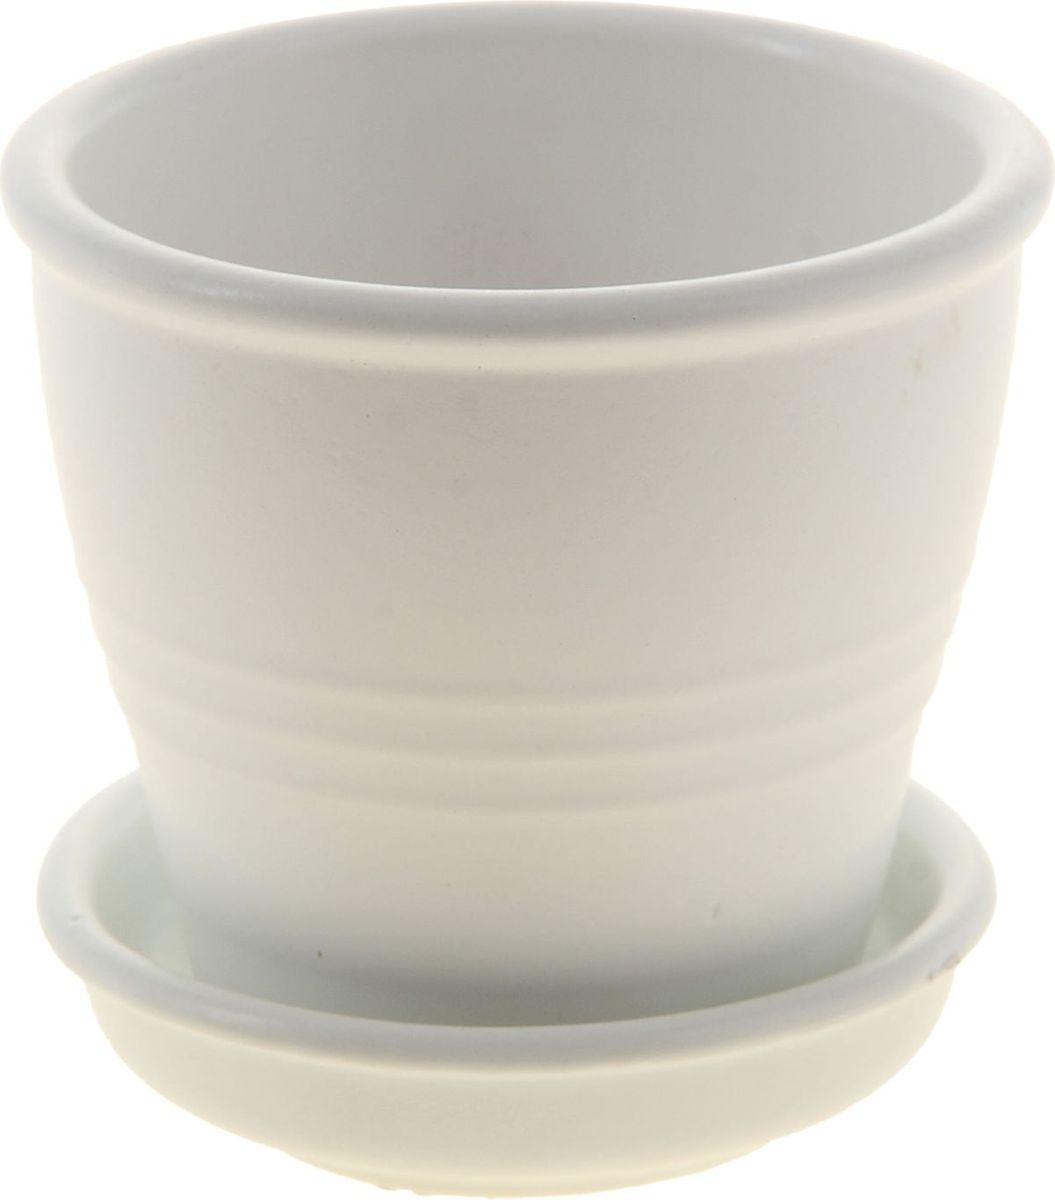 Кашпо Керамика ручной работы Классик, цвет: белый, 0,23 л1019386Комнатные растения — всеобщие любимцы. Они радуют глаз, насыщают помещение кислородом и украшают пространство. Каждому из них необходим свой удобный и красивый дом. Кашпо из керамики прекрасно подходят для высадки растений: за счёт пластичности глины и разных способов обработки существует великое множество форм и дизайновпористый материал позволяет испаряться лишней влагевоздух, необходимый для дыхания корней, проникает сквозь керамические стенки! #name# позаботится о зелёном питомце, освежит интерьер и подчеркнёт его стиль.